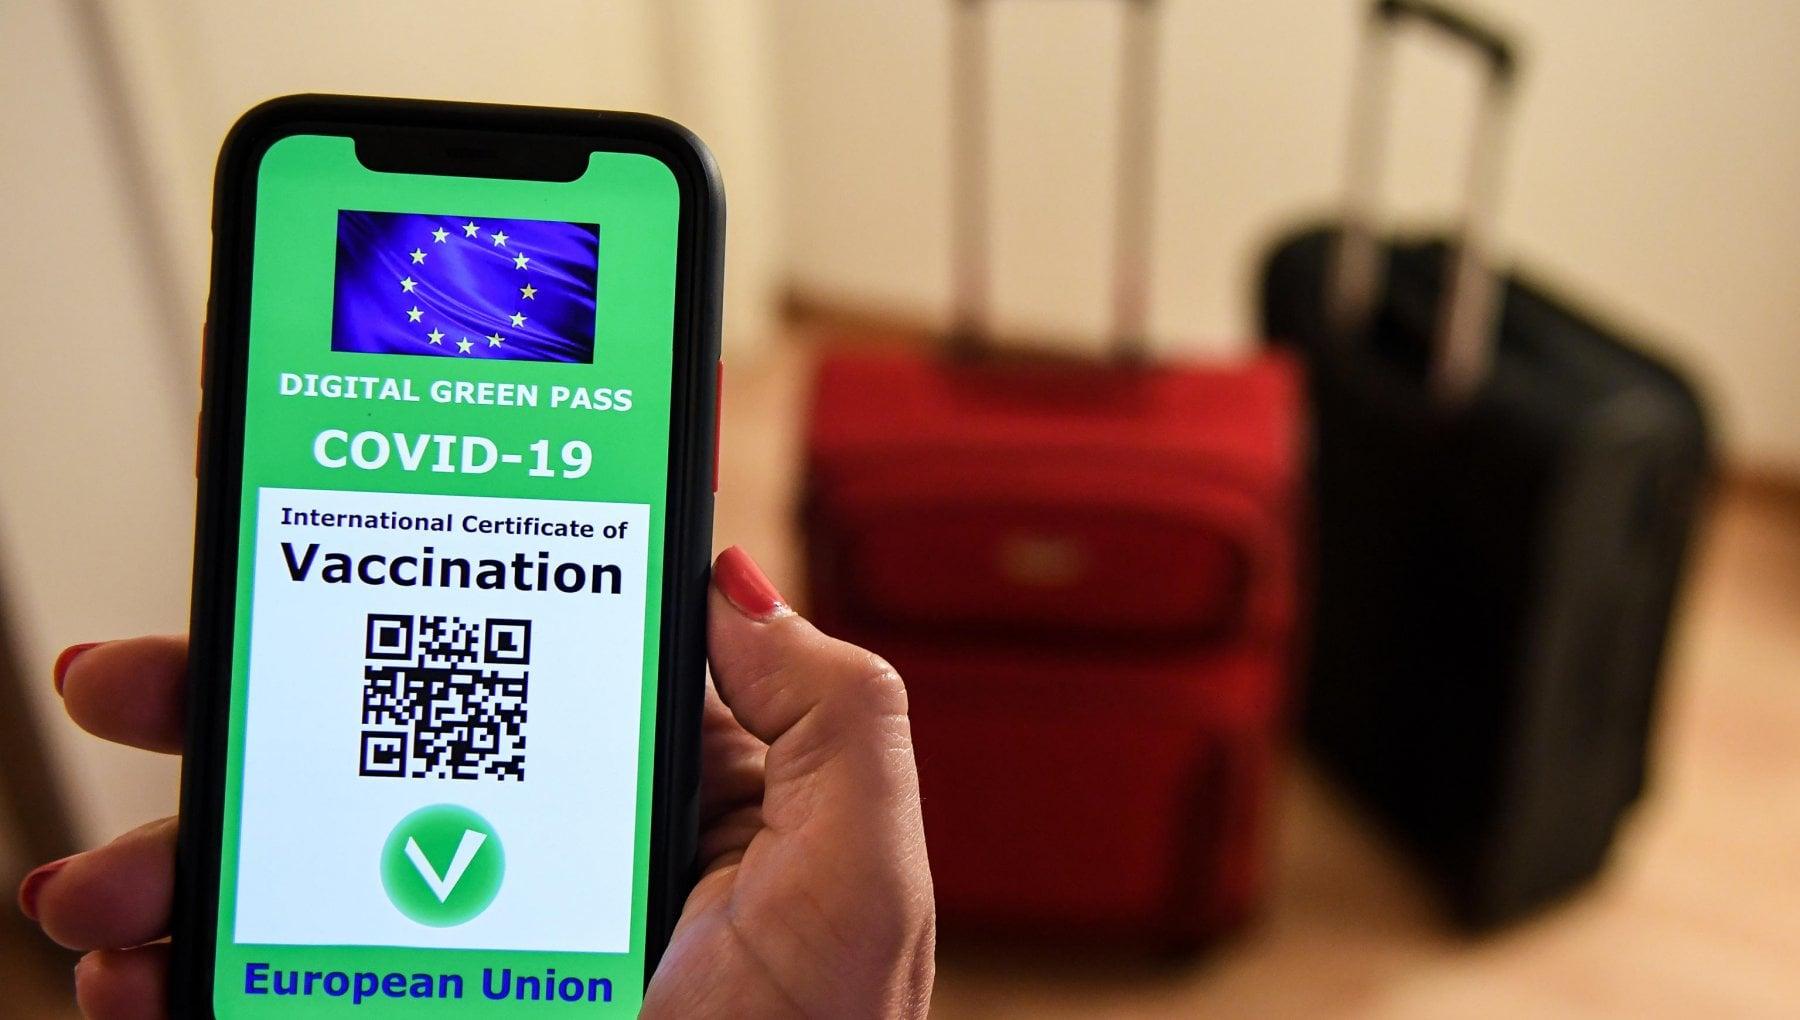 190143603 09e2f9b5 fa8c 46ac a2a4 41894c43bddd - Green pass europeo in vigore dal primo luglio, ecco come funziona